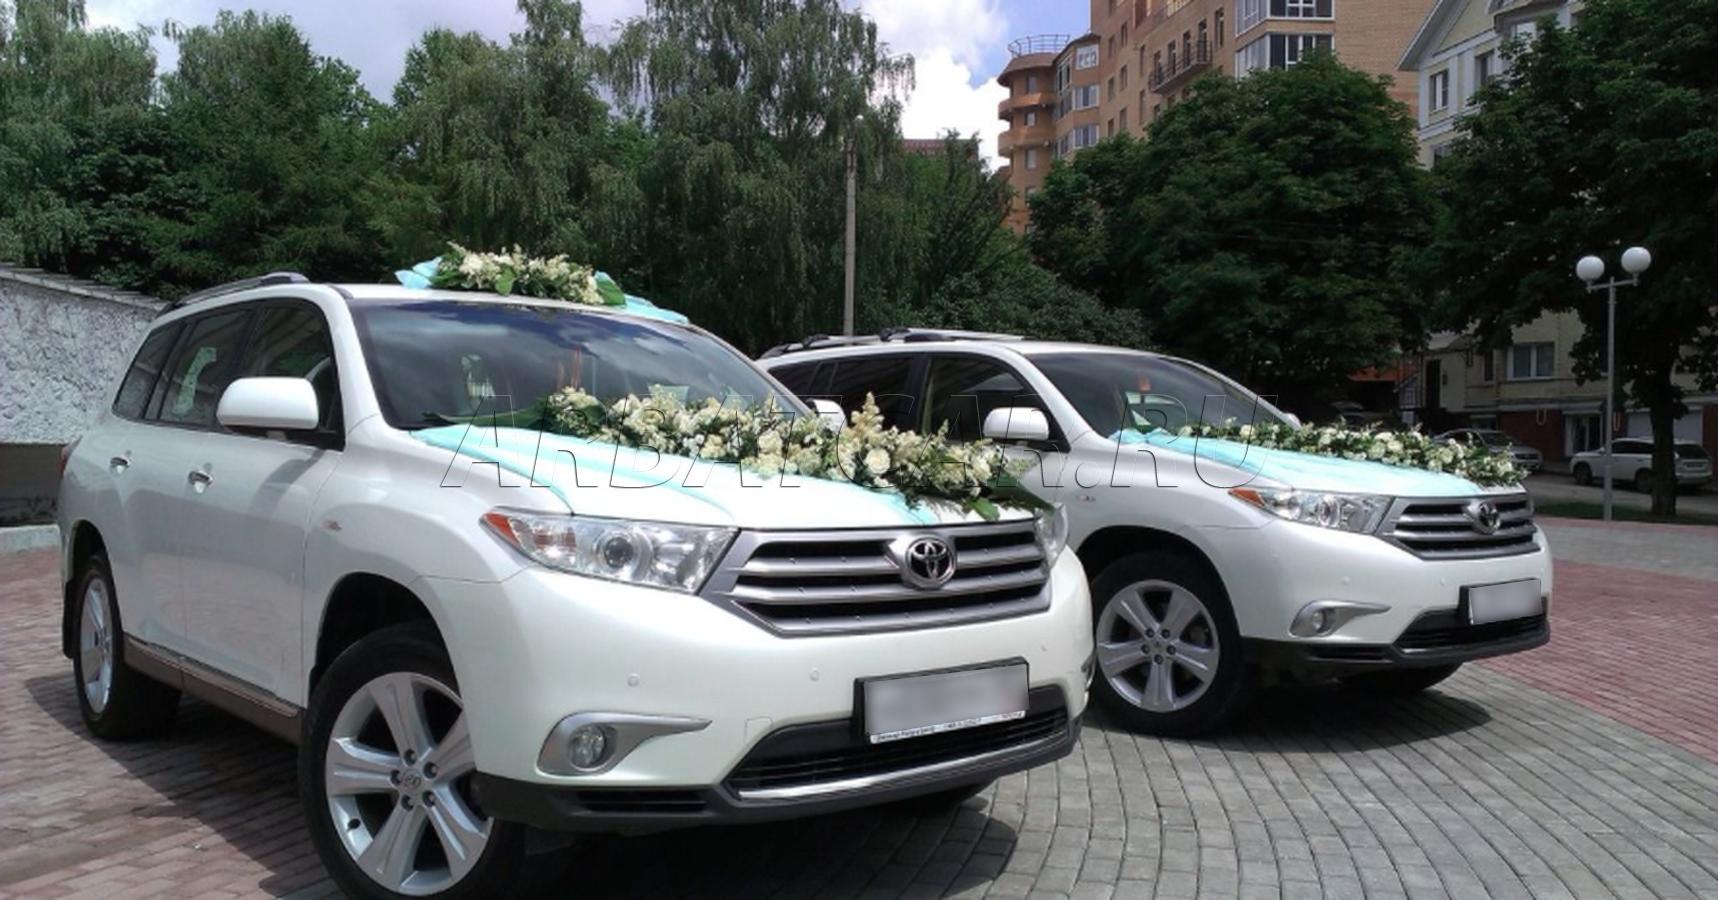 вязаные шорты аренда автомобиля с водителем в санкт-петербурге на свадьбу Санкт-Петербургу